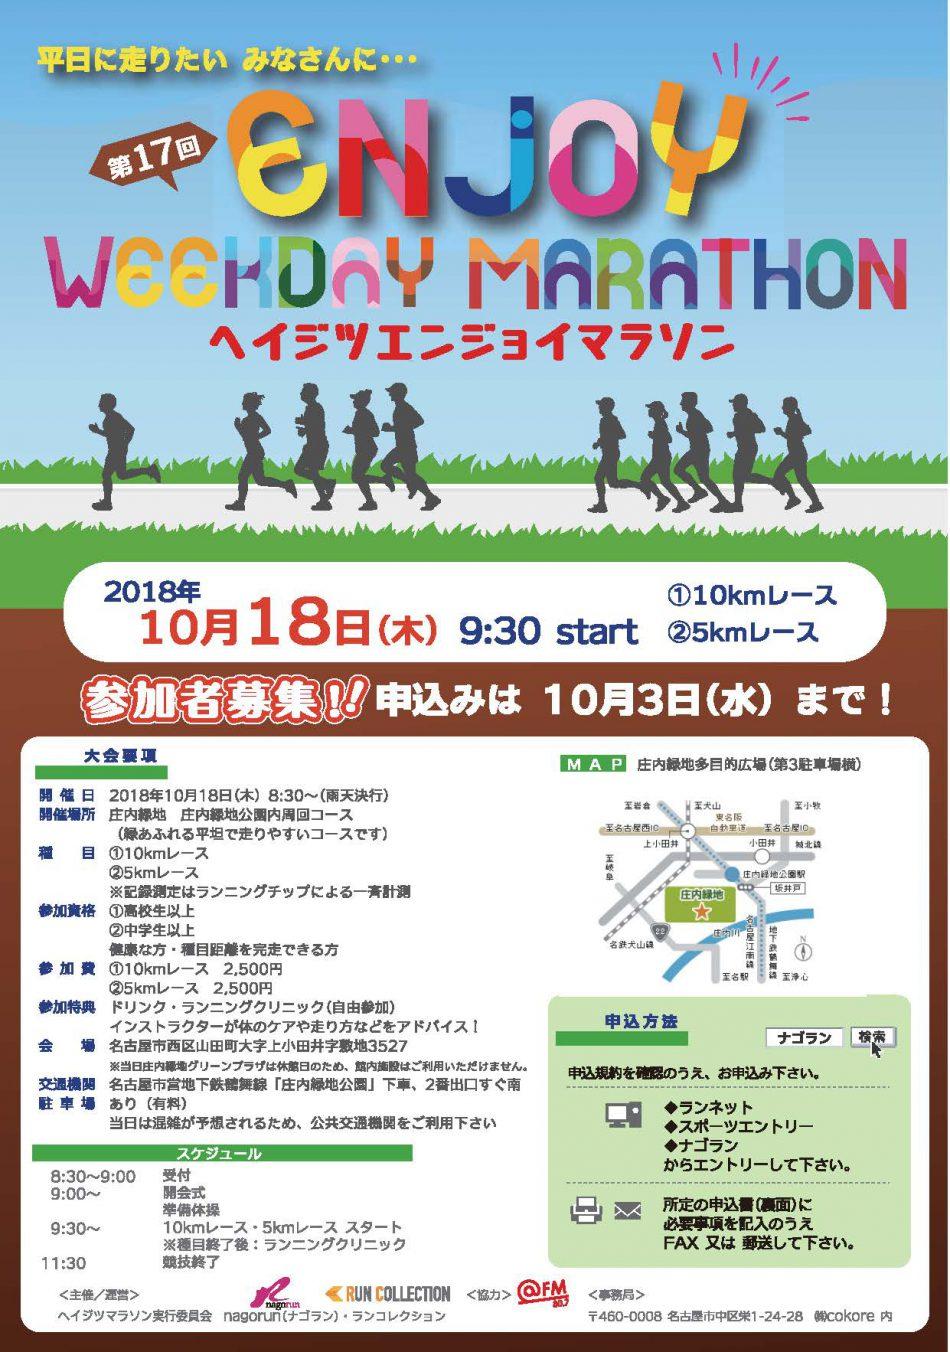 17thヘイジツマラソン